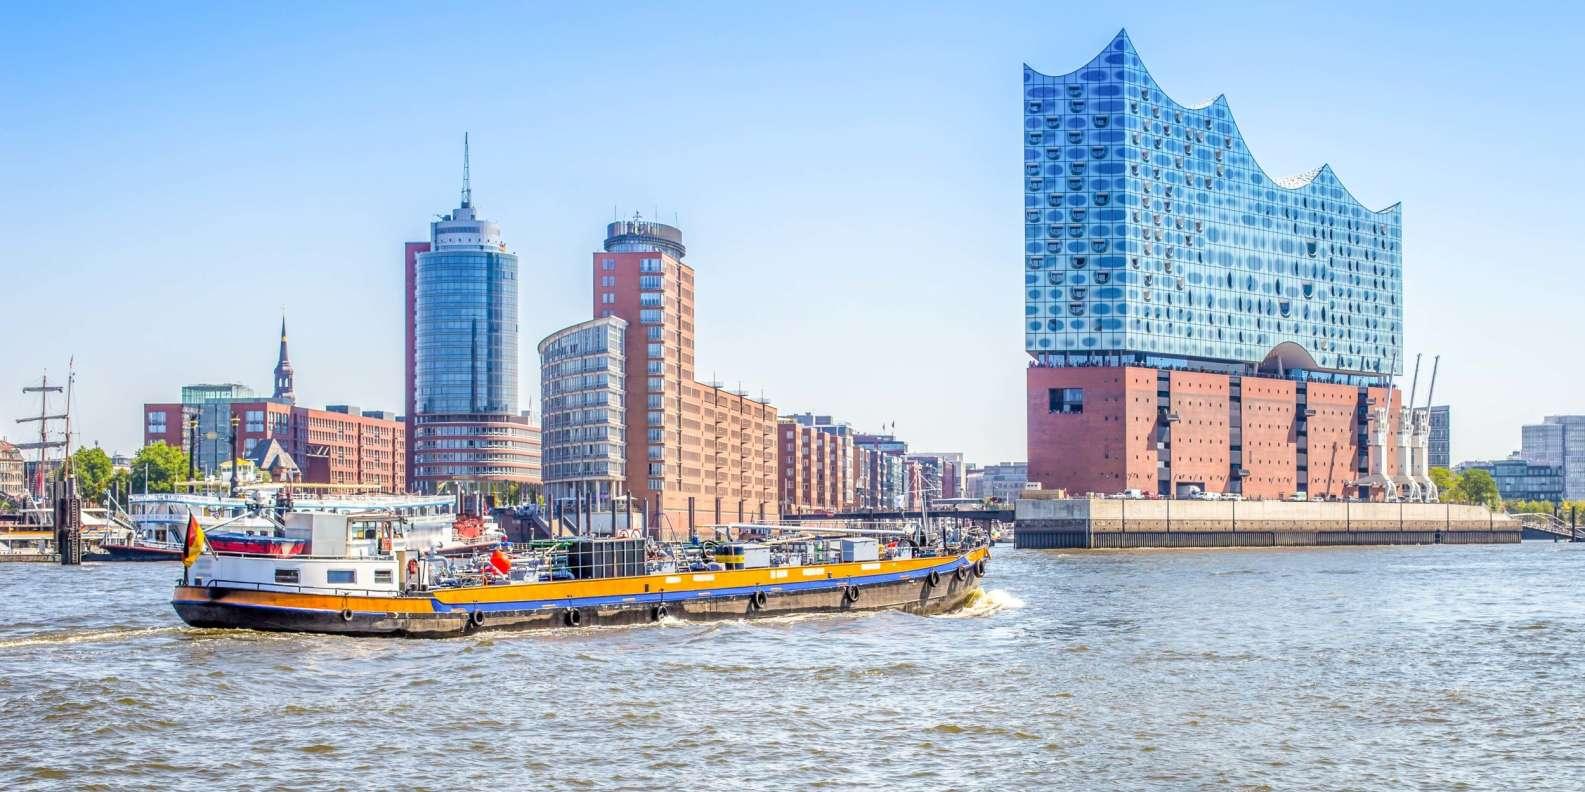 Führung durch die Elbphilharmonie in Hamburg